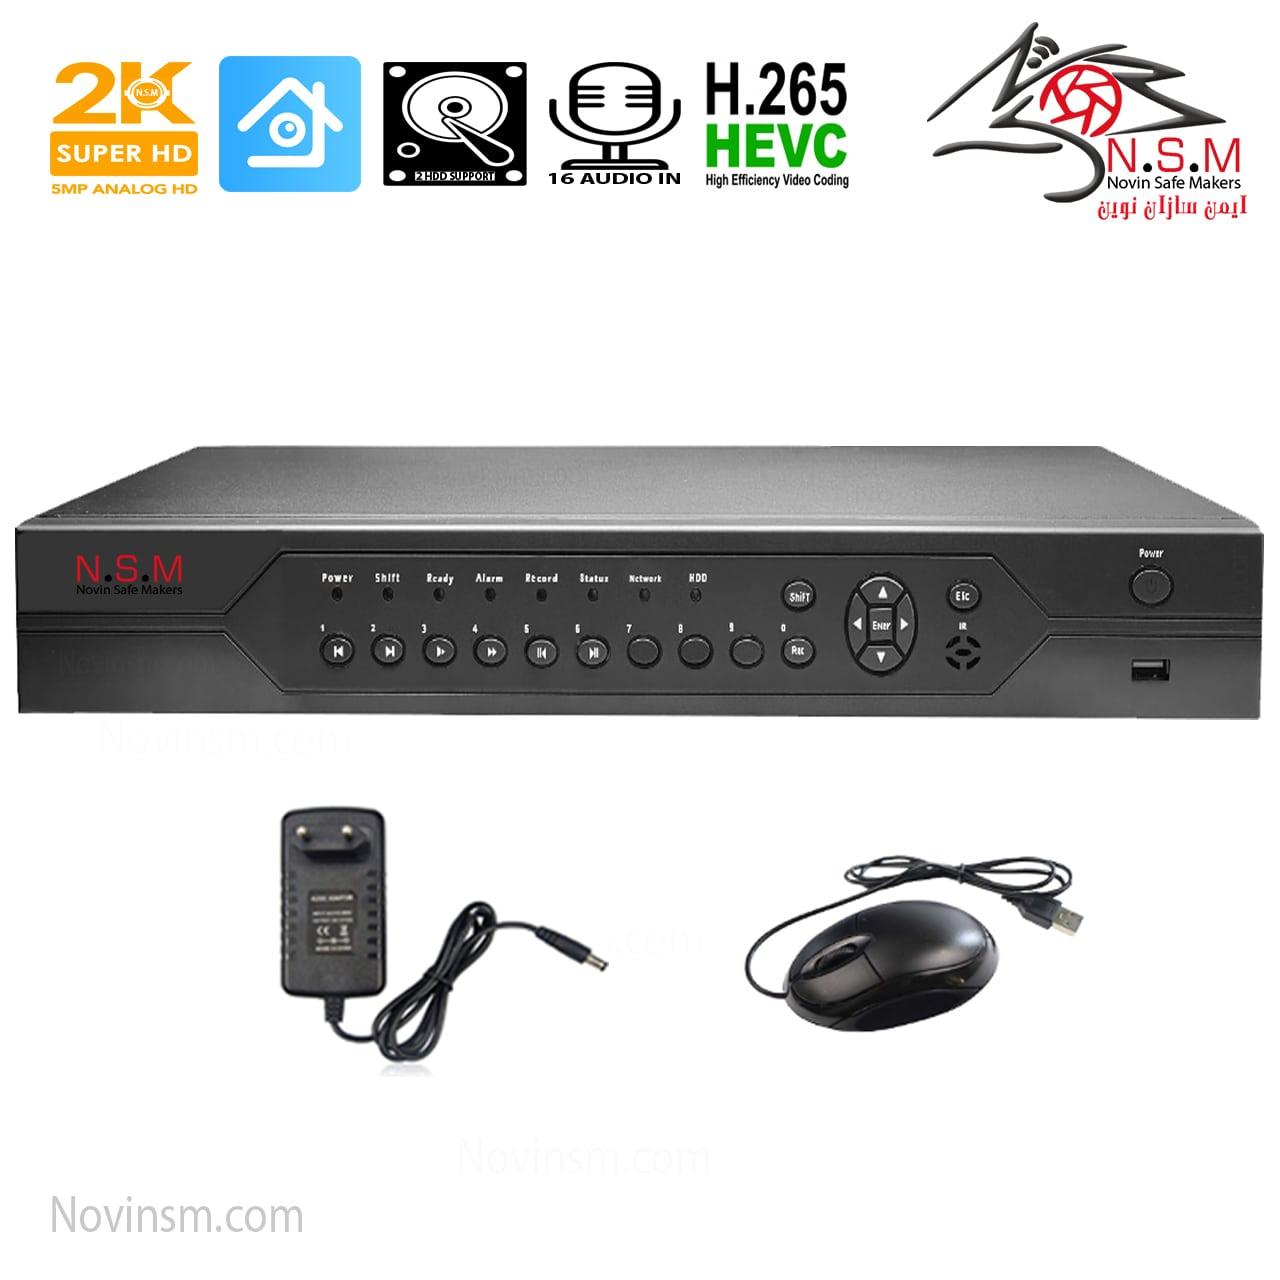 دستگاه ضبط 32 کانال 2K   دستگاه ضبط تصاویر XVR   دستگاه ضبط تصویر 16 صدا